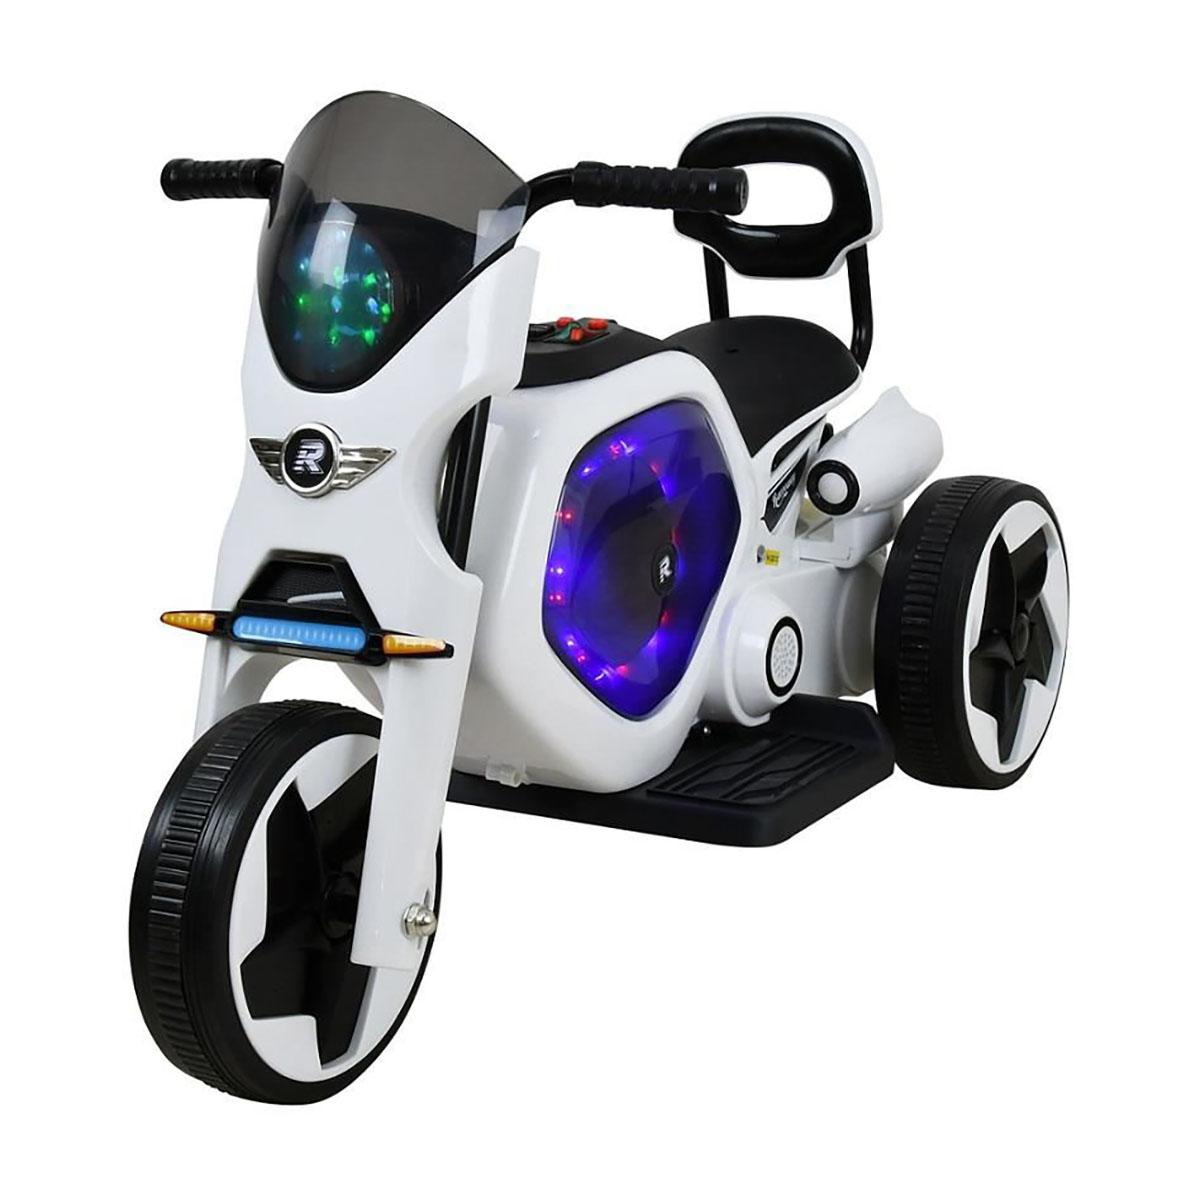 Tricicleta electrica DHS, alb cu negru imagine